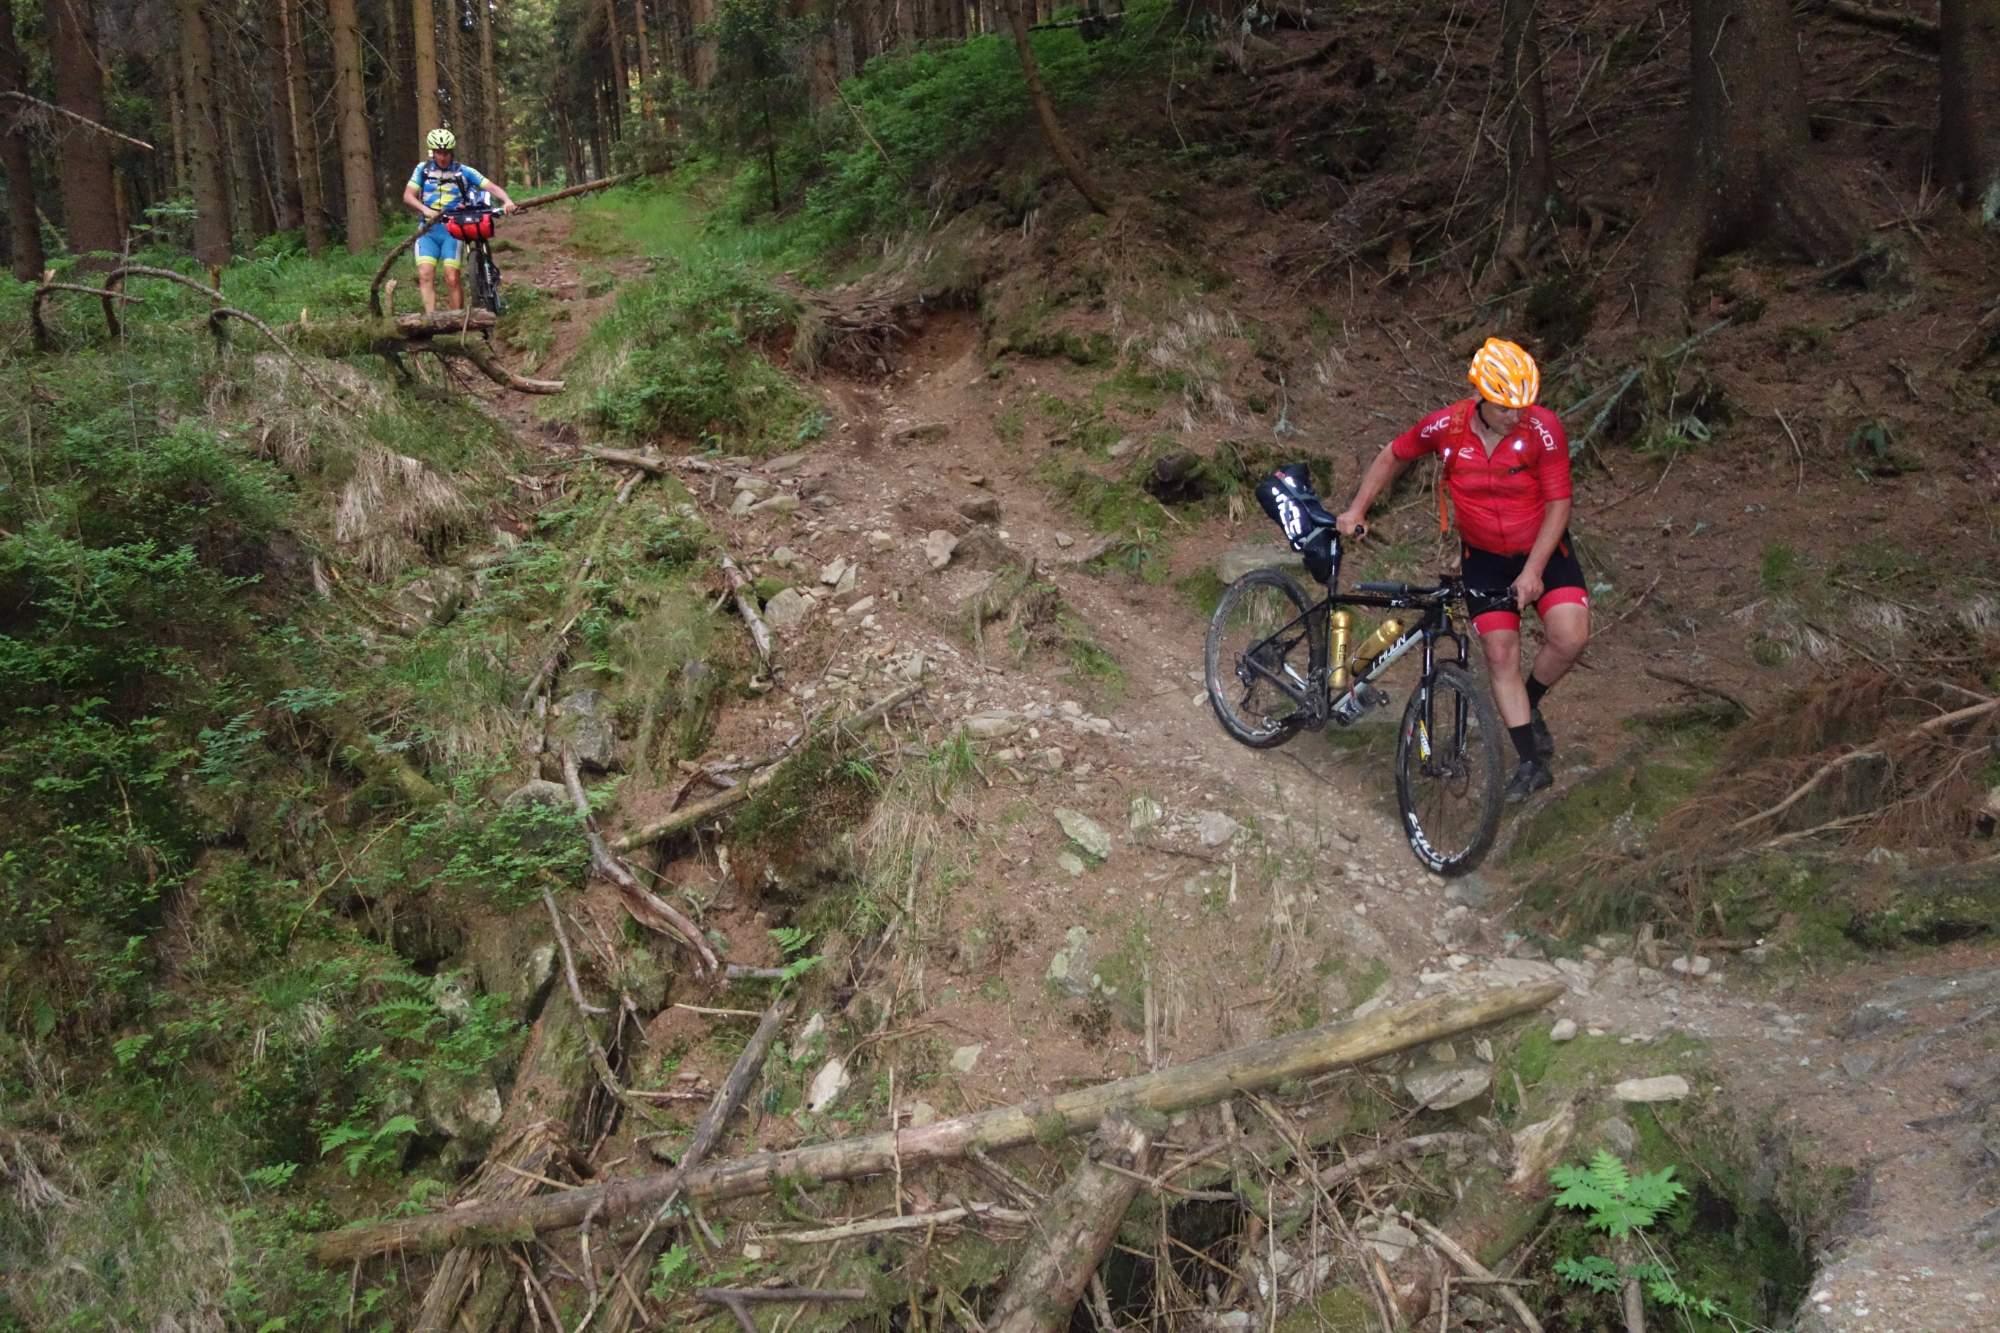 Toulání Šumavou je jeden z řady bikepackingových závodů v Česku, který skutečně otestuje síly cyklistů. Foto: toulanisumavou.cz